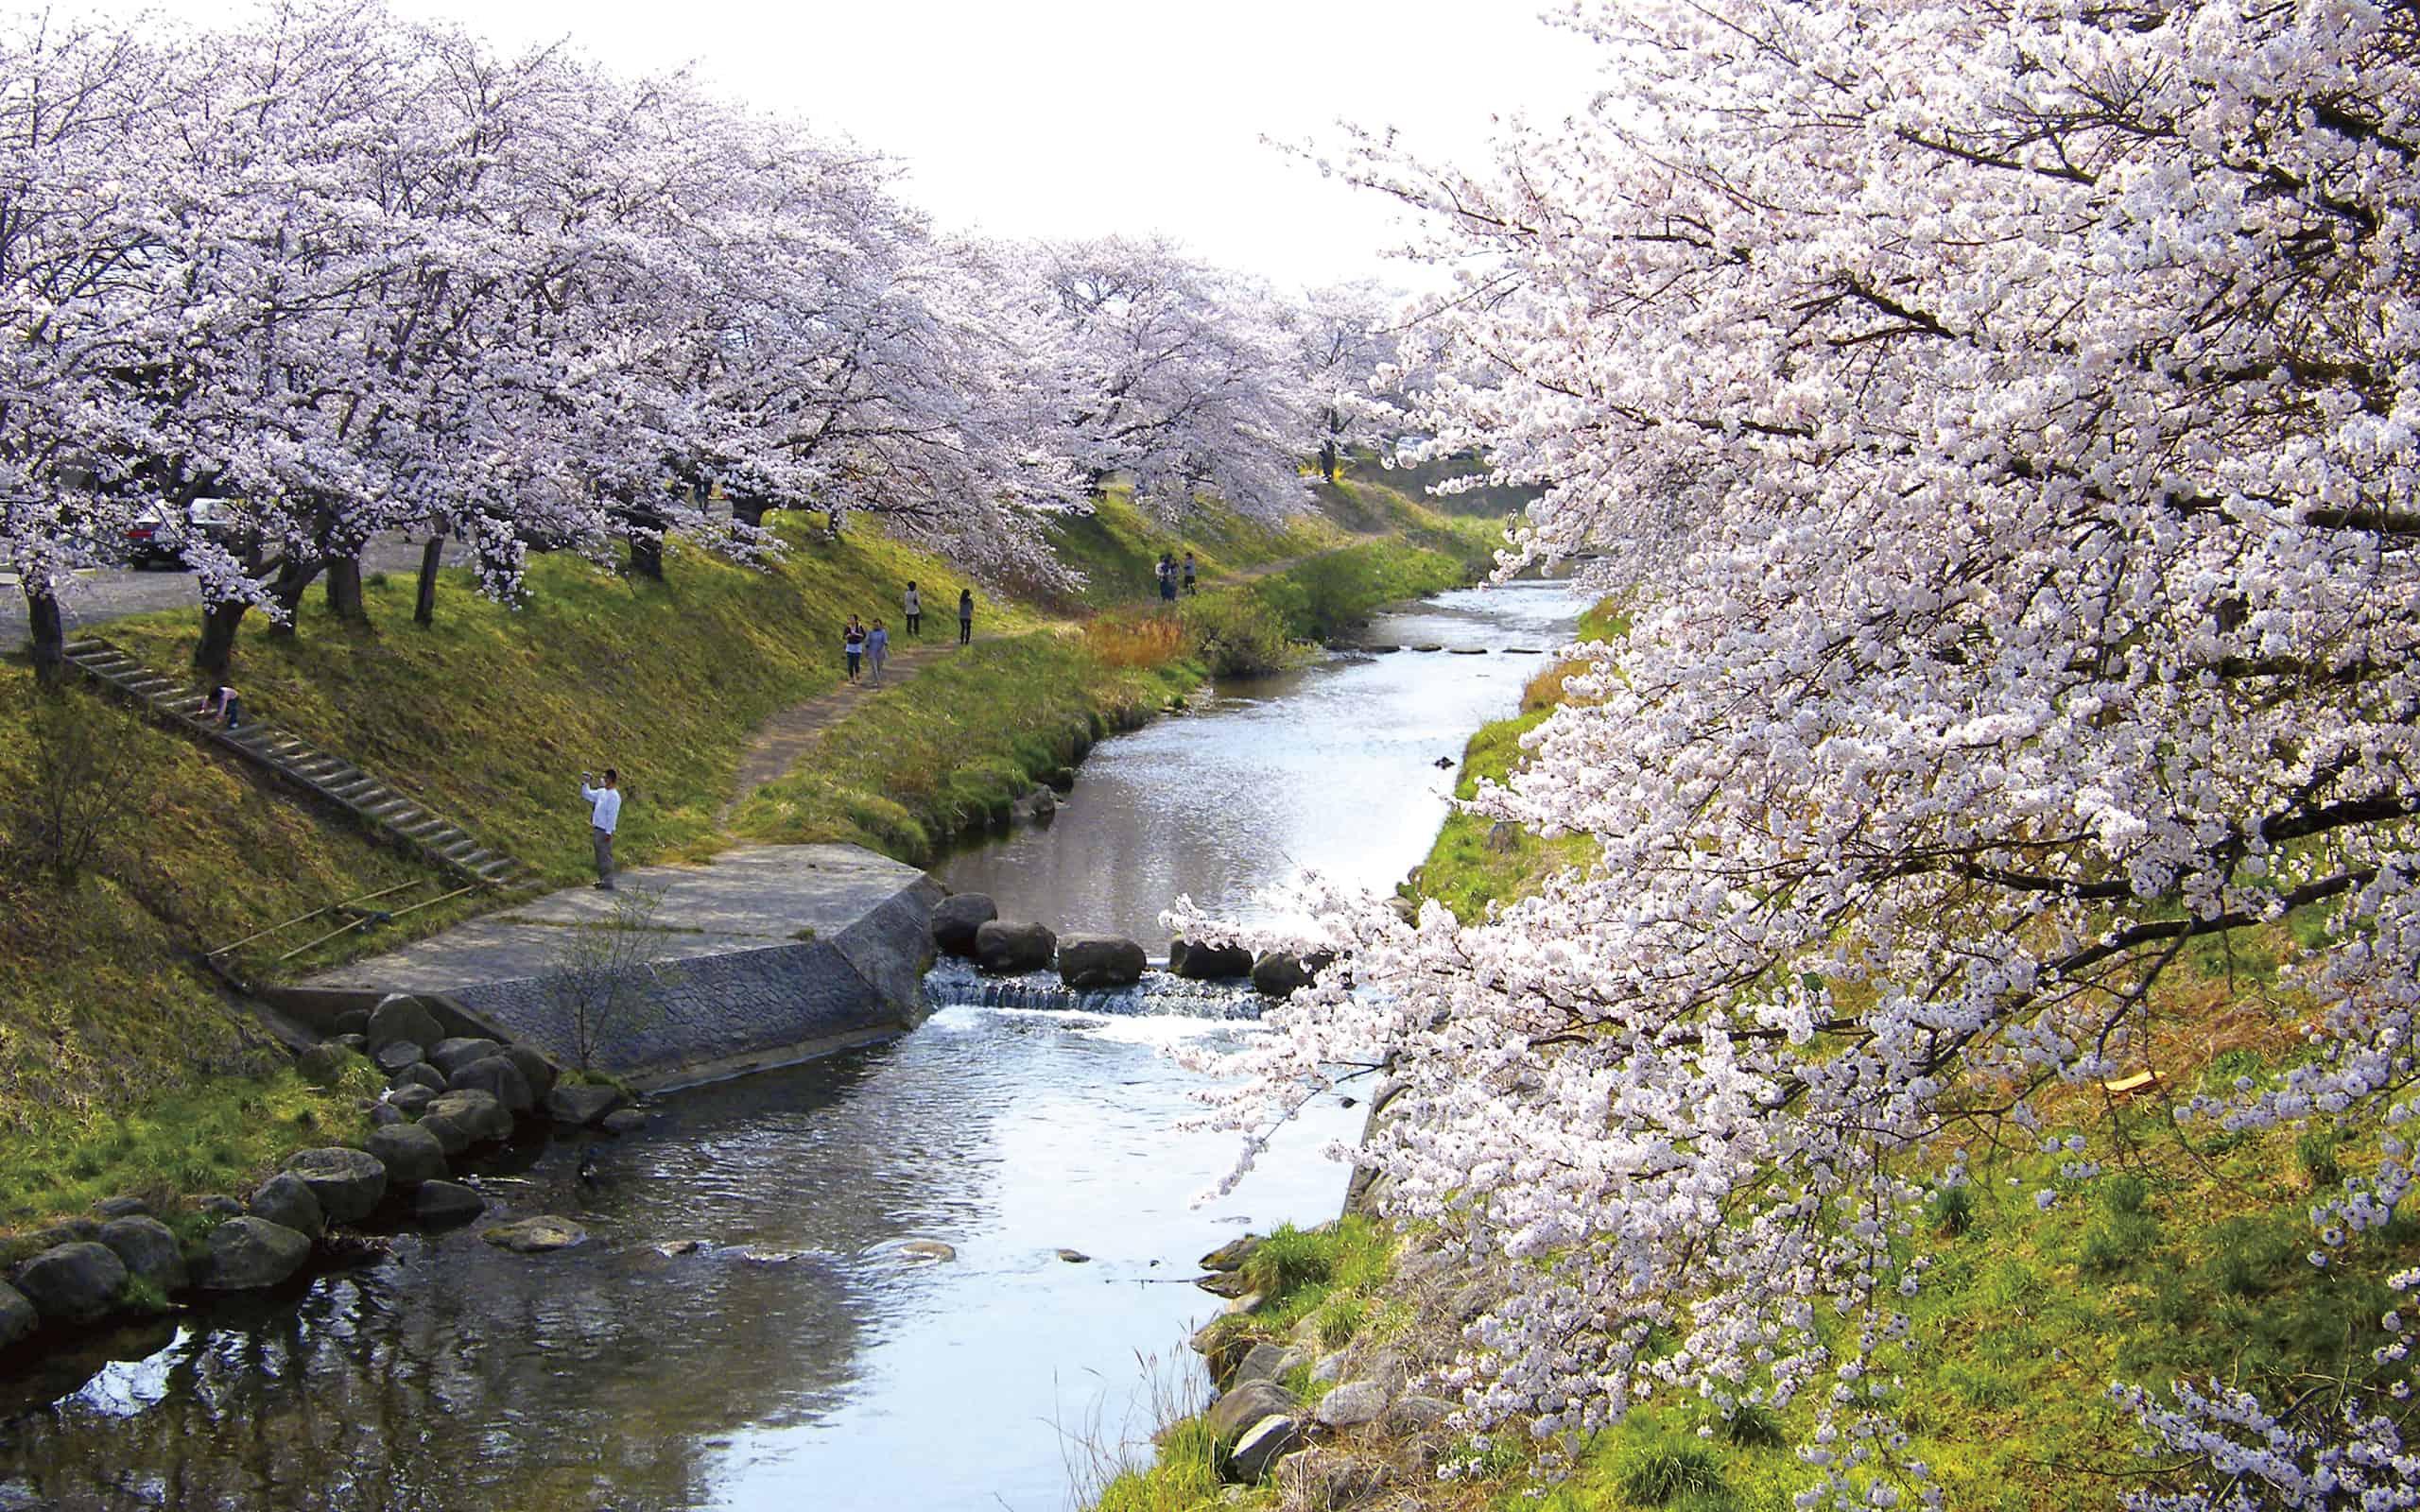 ชมทิวต้น ซากุระ (Sakura) ที่แม่น้ำโทดะ โคริยามะ ฟุกุชิมะ ผ่าน Live Camera